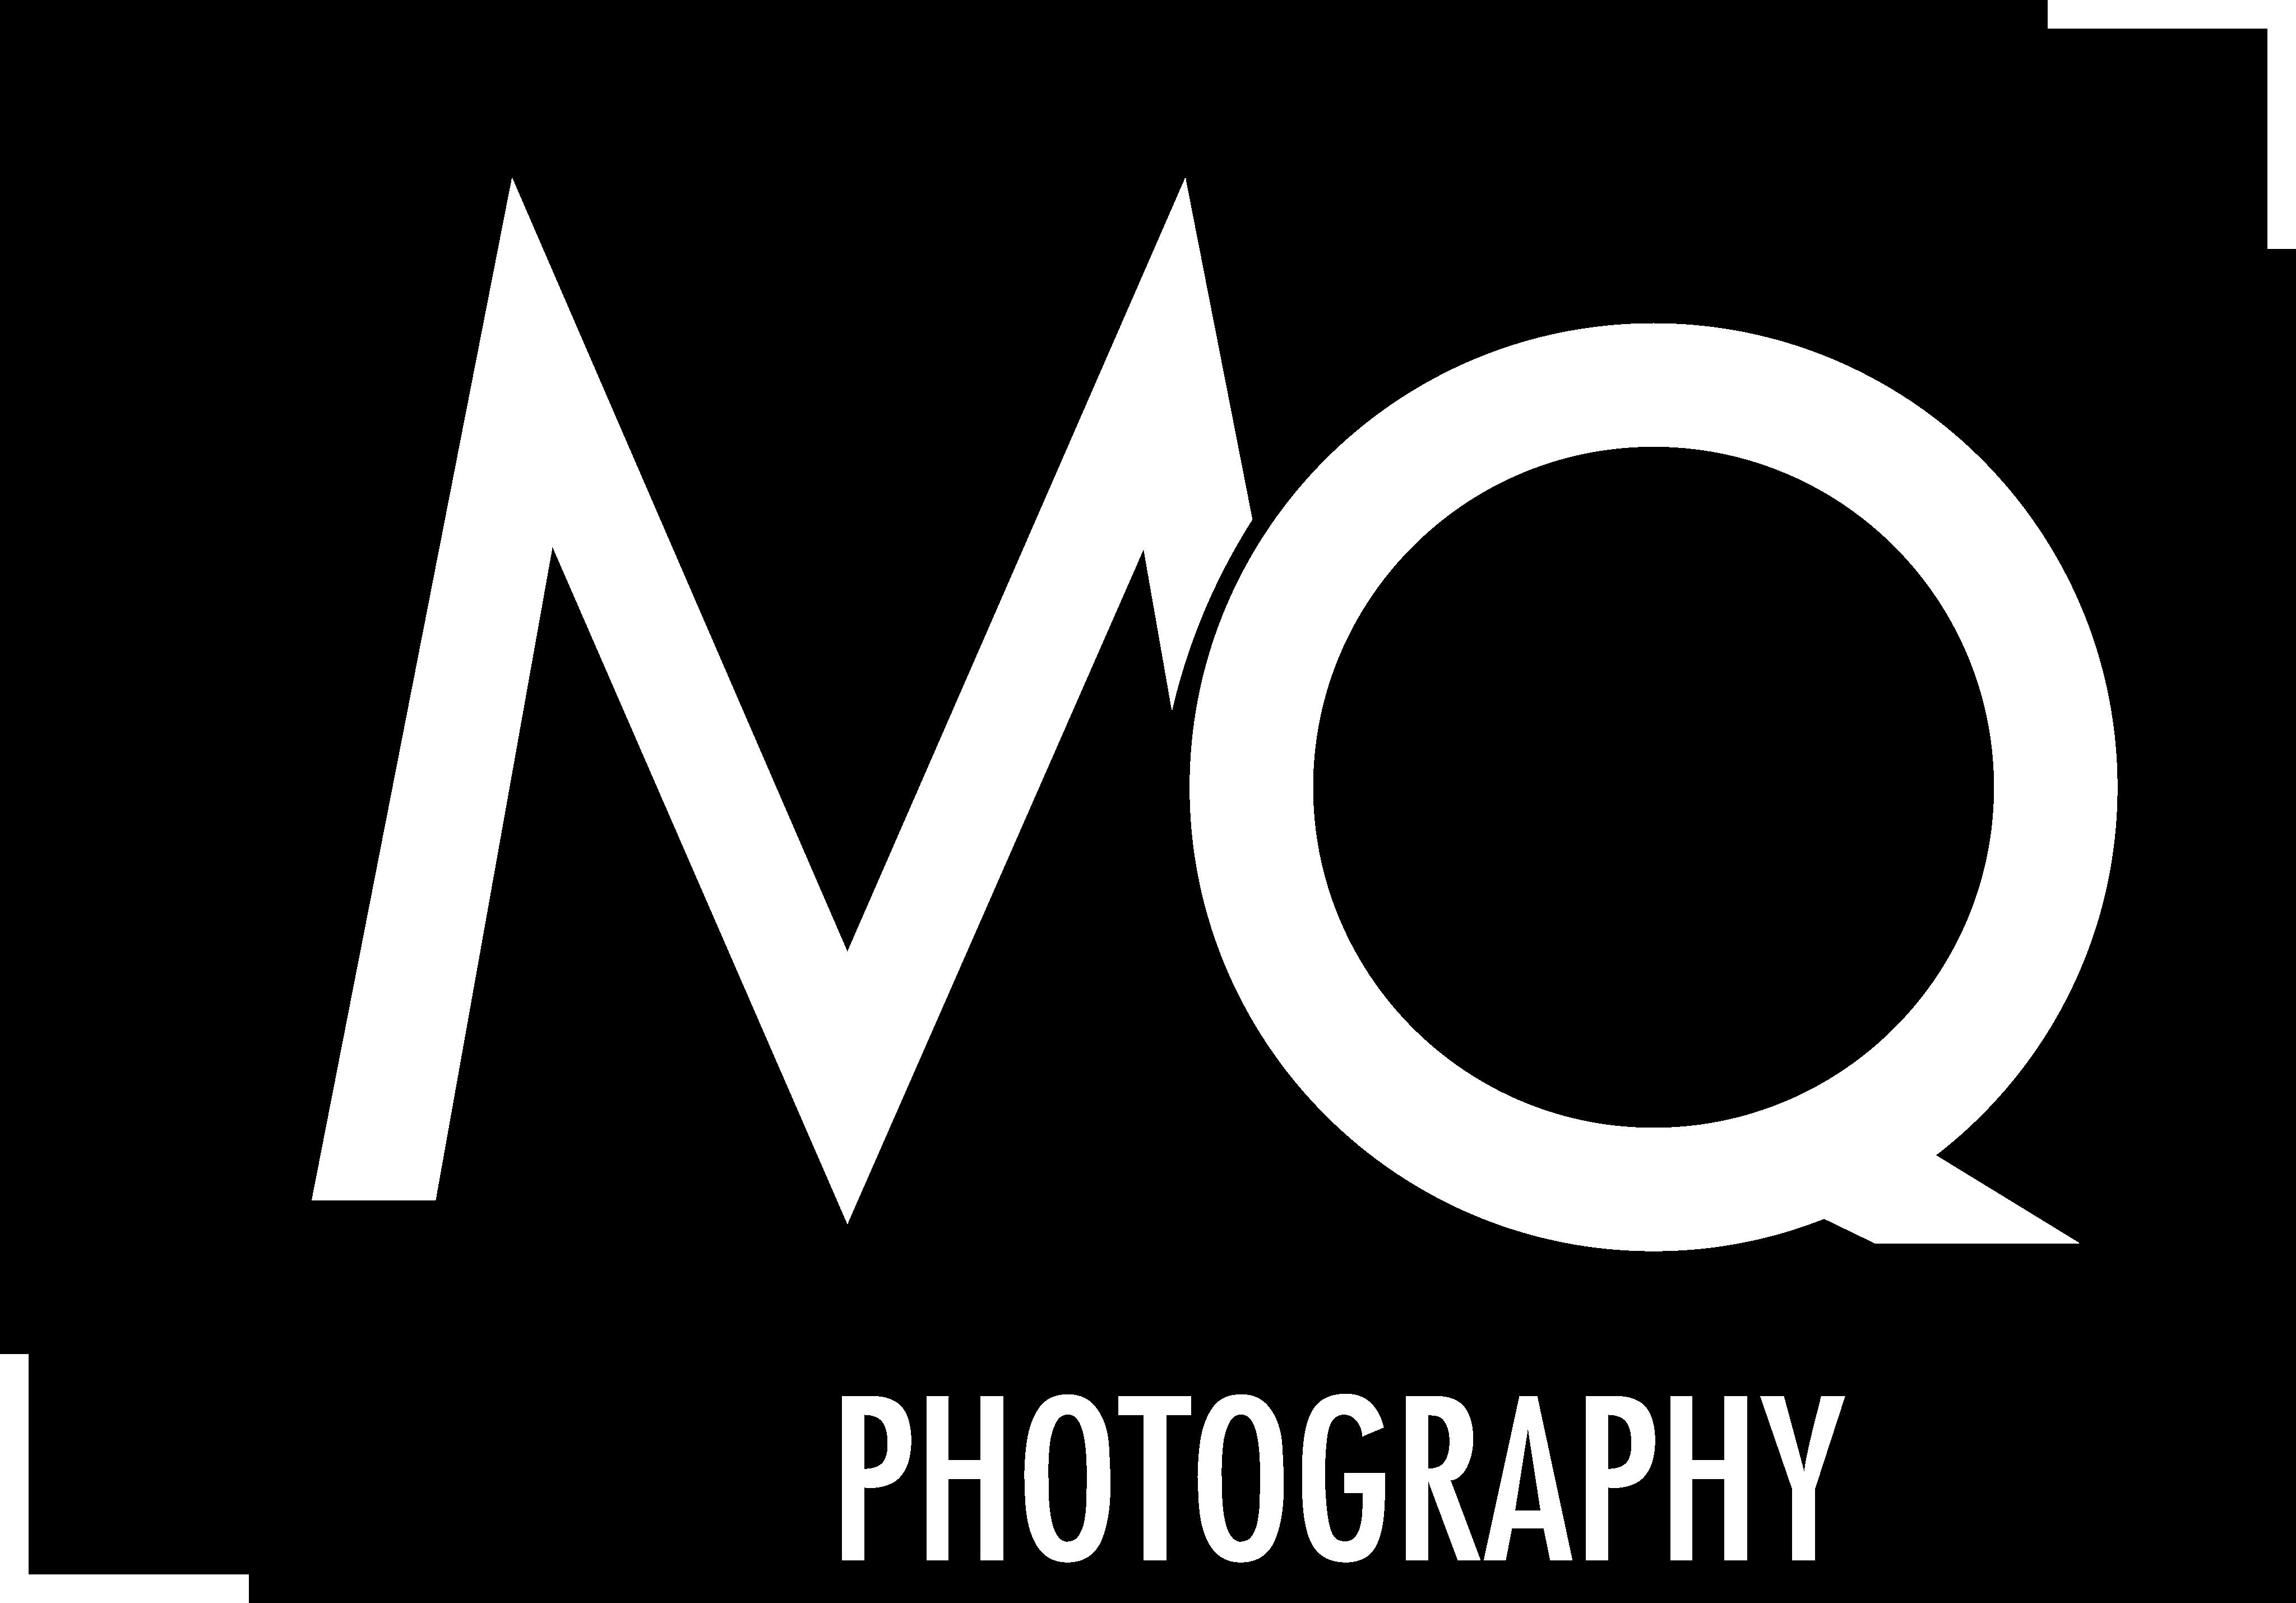 MQ Nguyen